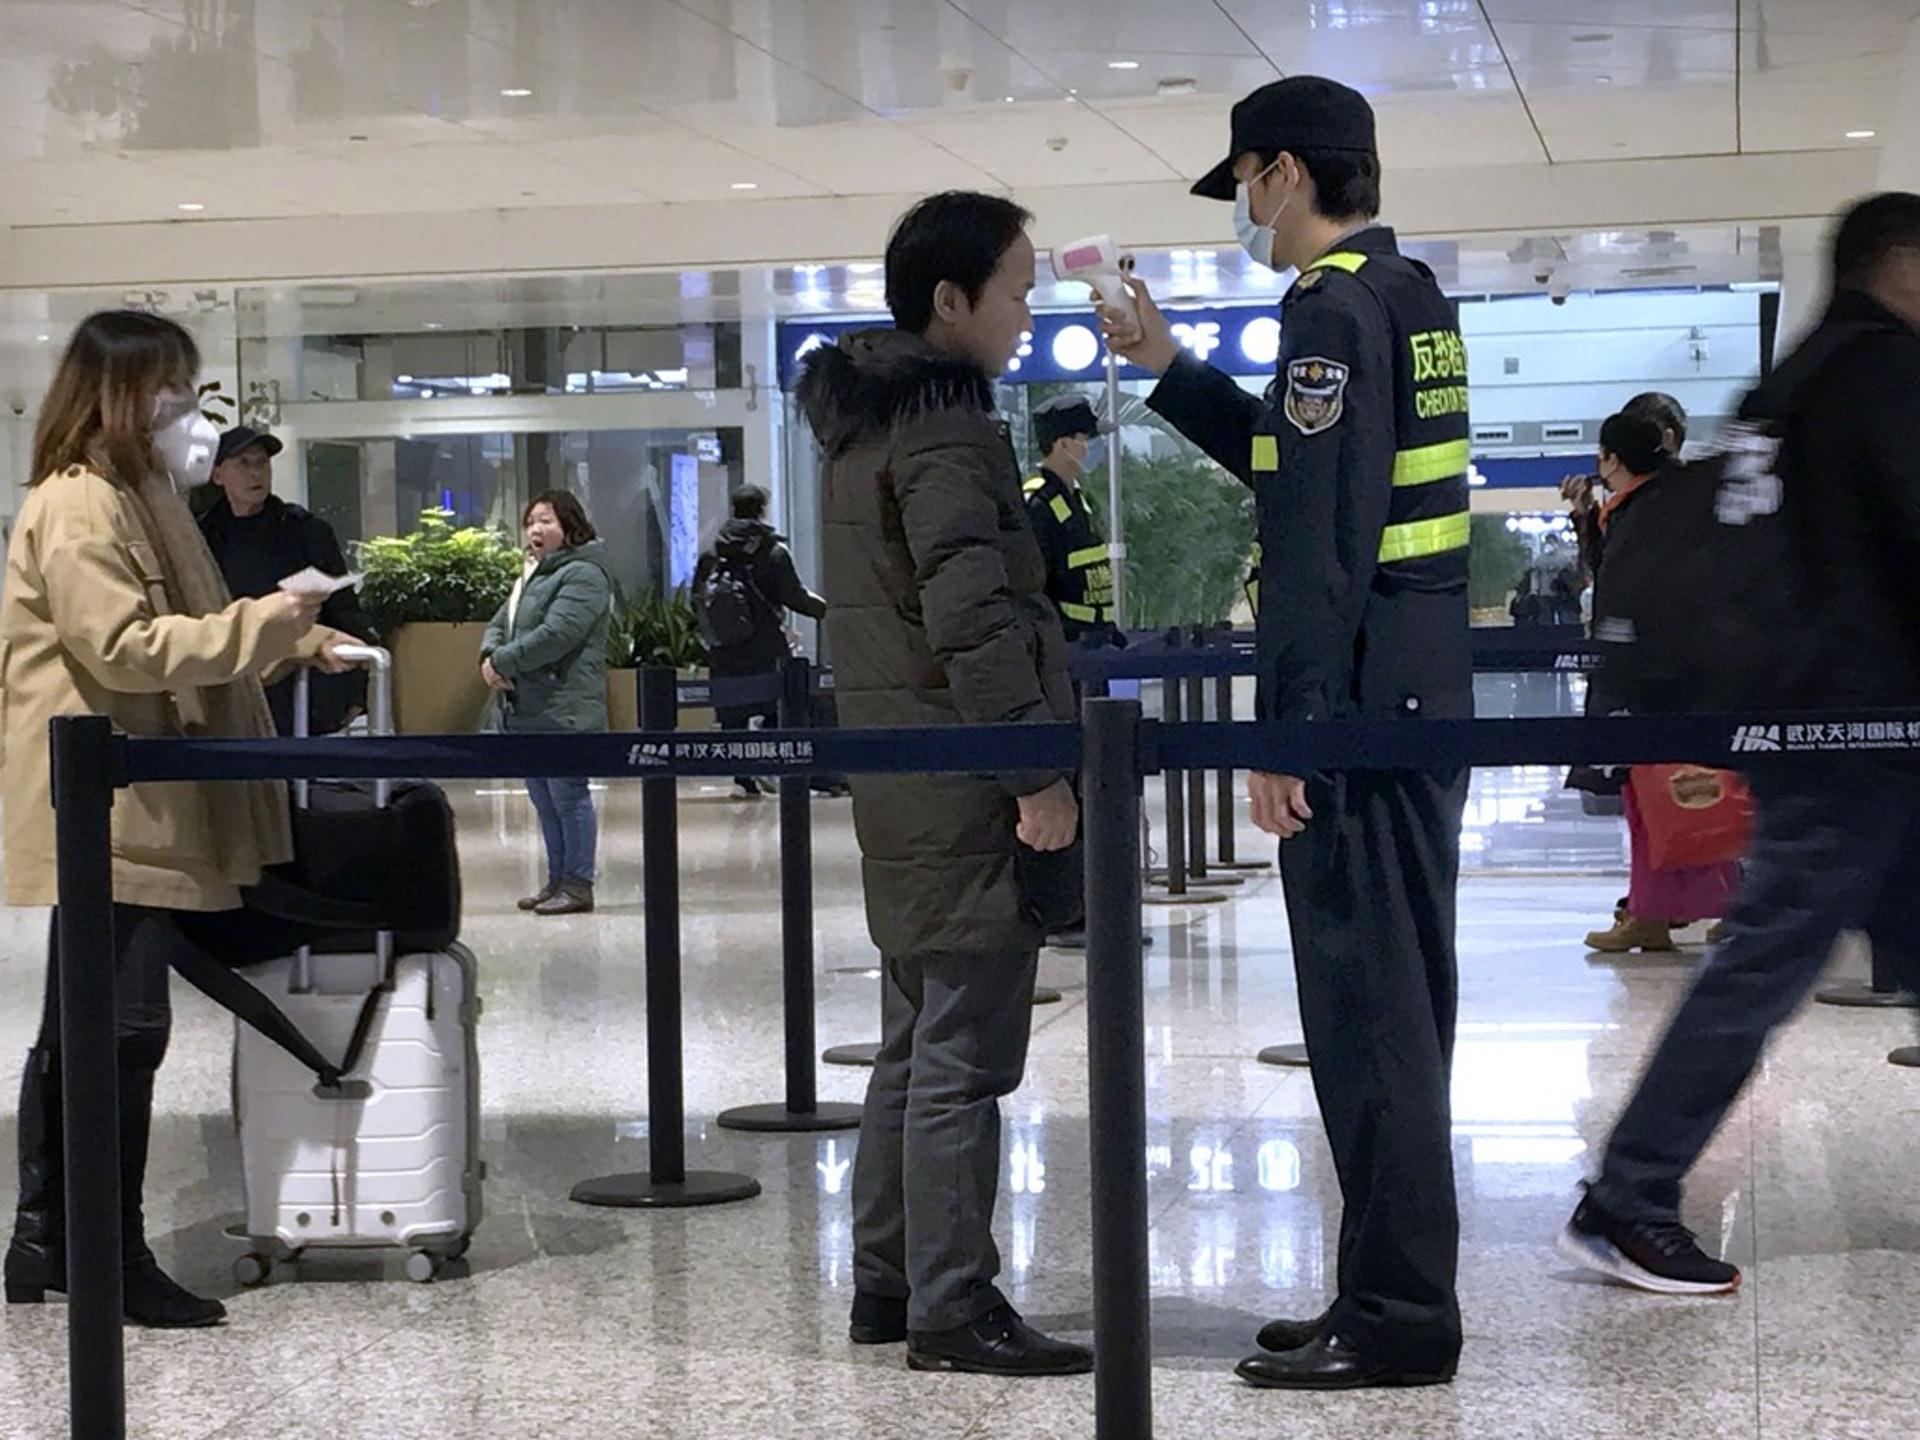 为遏制新型冠状病毒感染引起的肺炎疫情进一步扩散,中国武汉市1月21日开始对进出武汉人员加强管控。(AP)